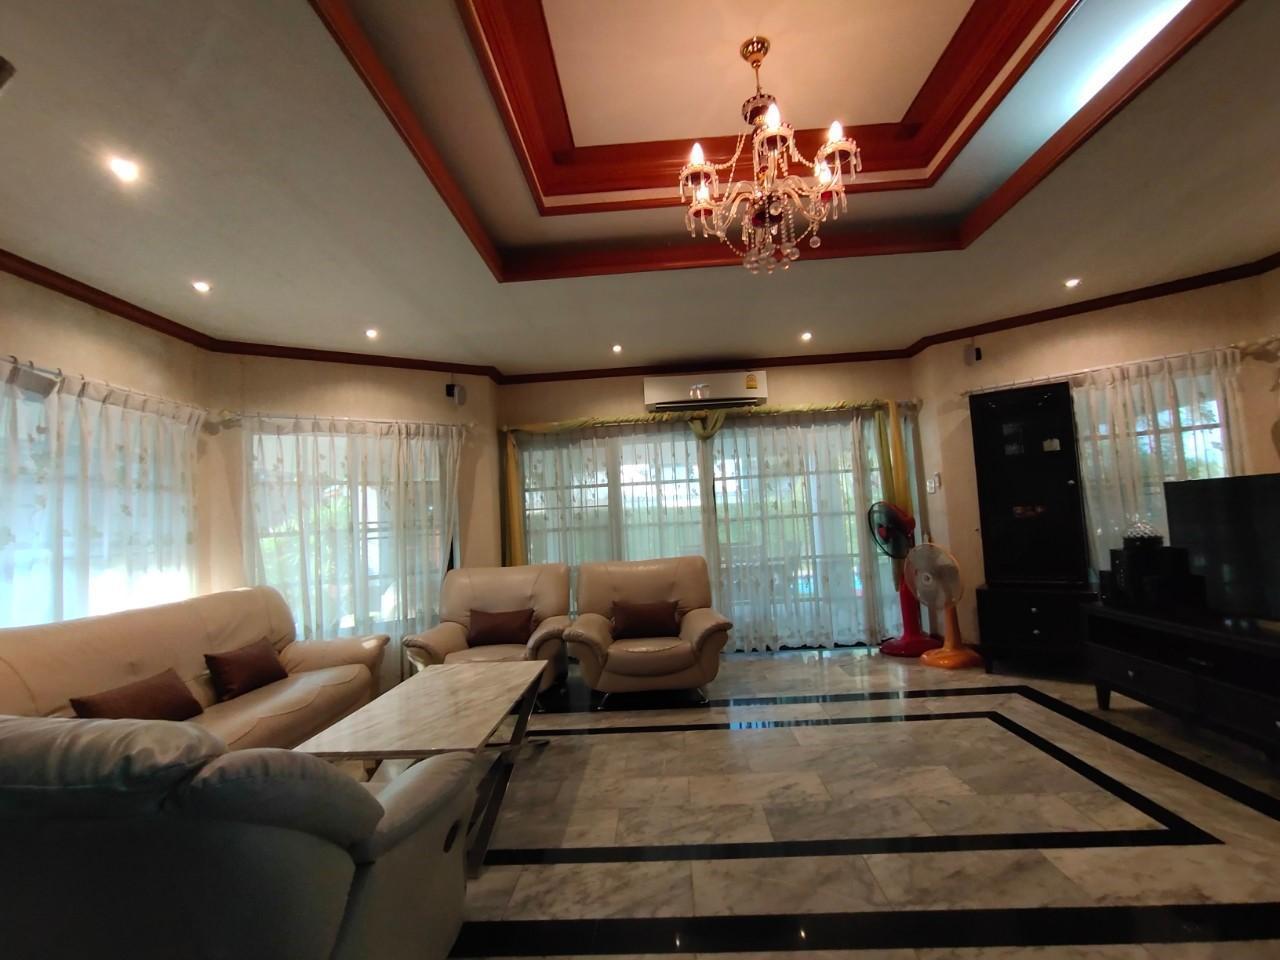 Sudjai House Pool Villa 5 Bedroom บ้านเดี่ยว 5 ห้องนอน 3 ห้องน้ำส่วนตัว ขนาด 400 ตร.ม. – เขาหินเหล็กไฟ